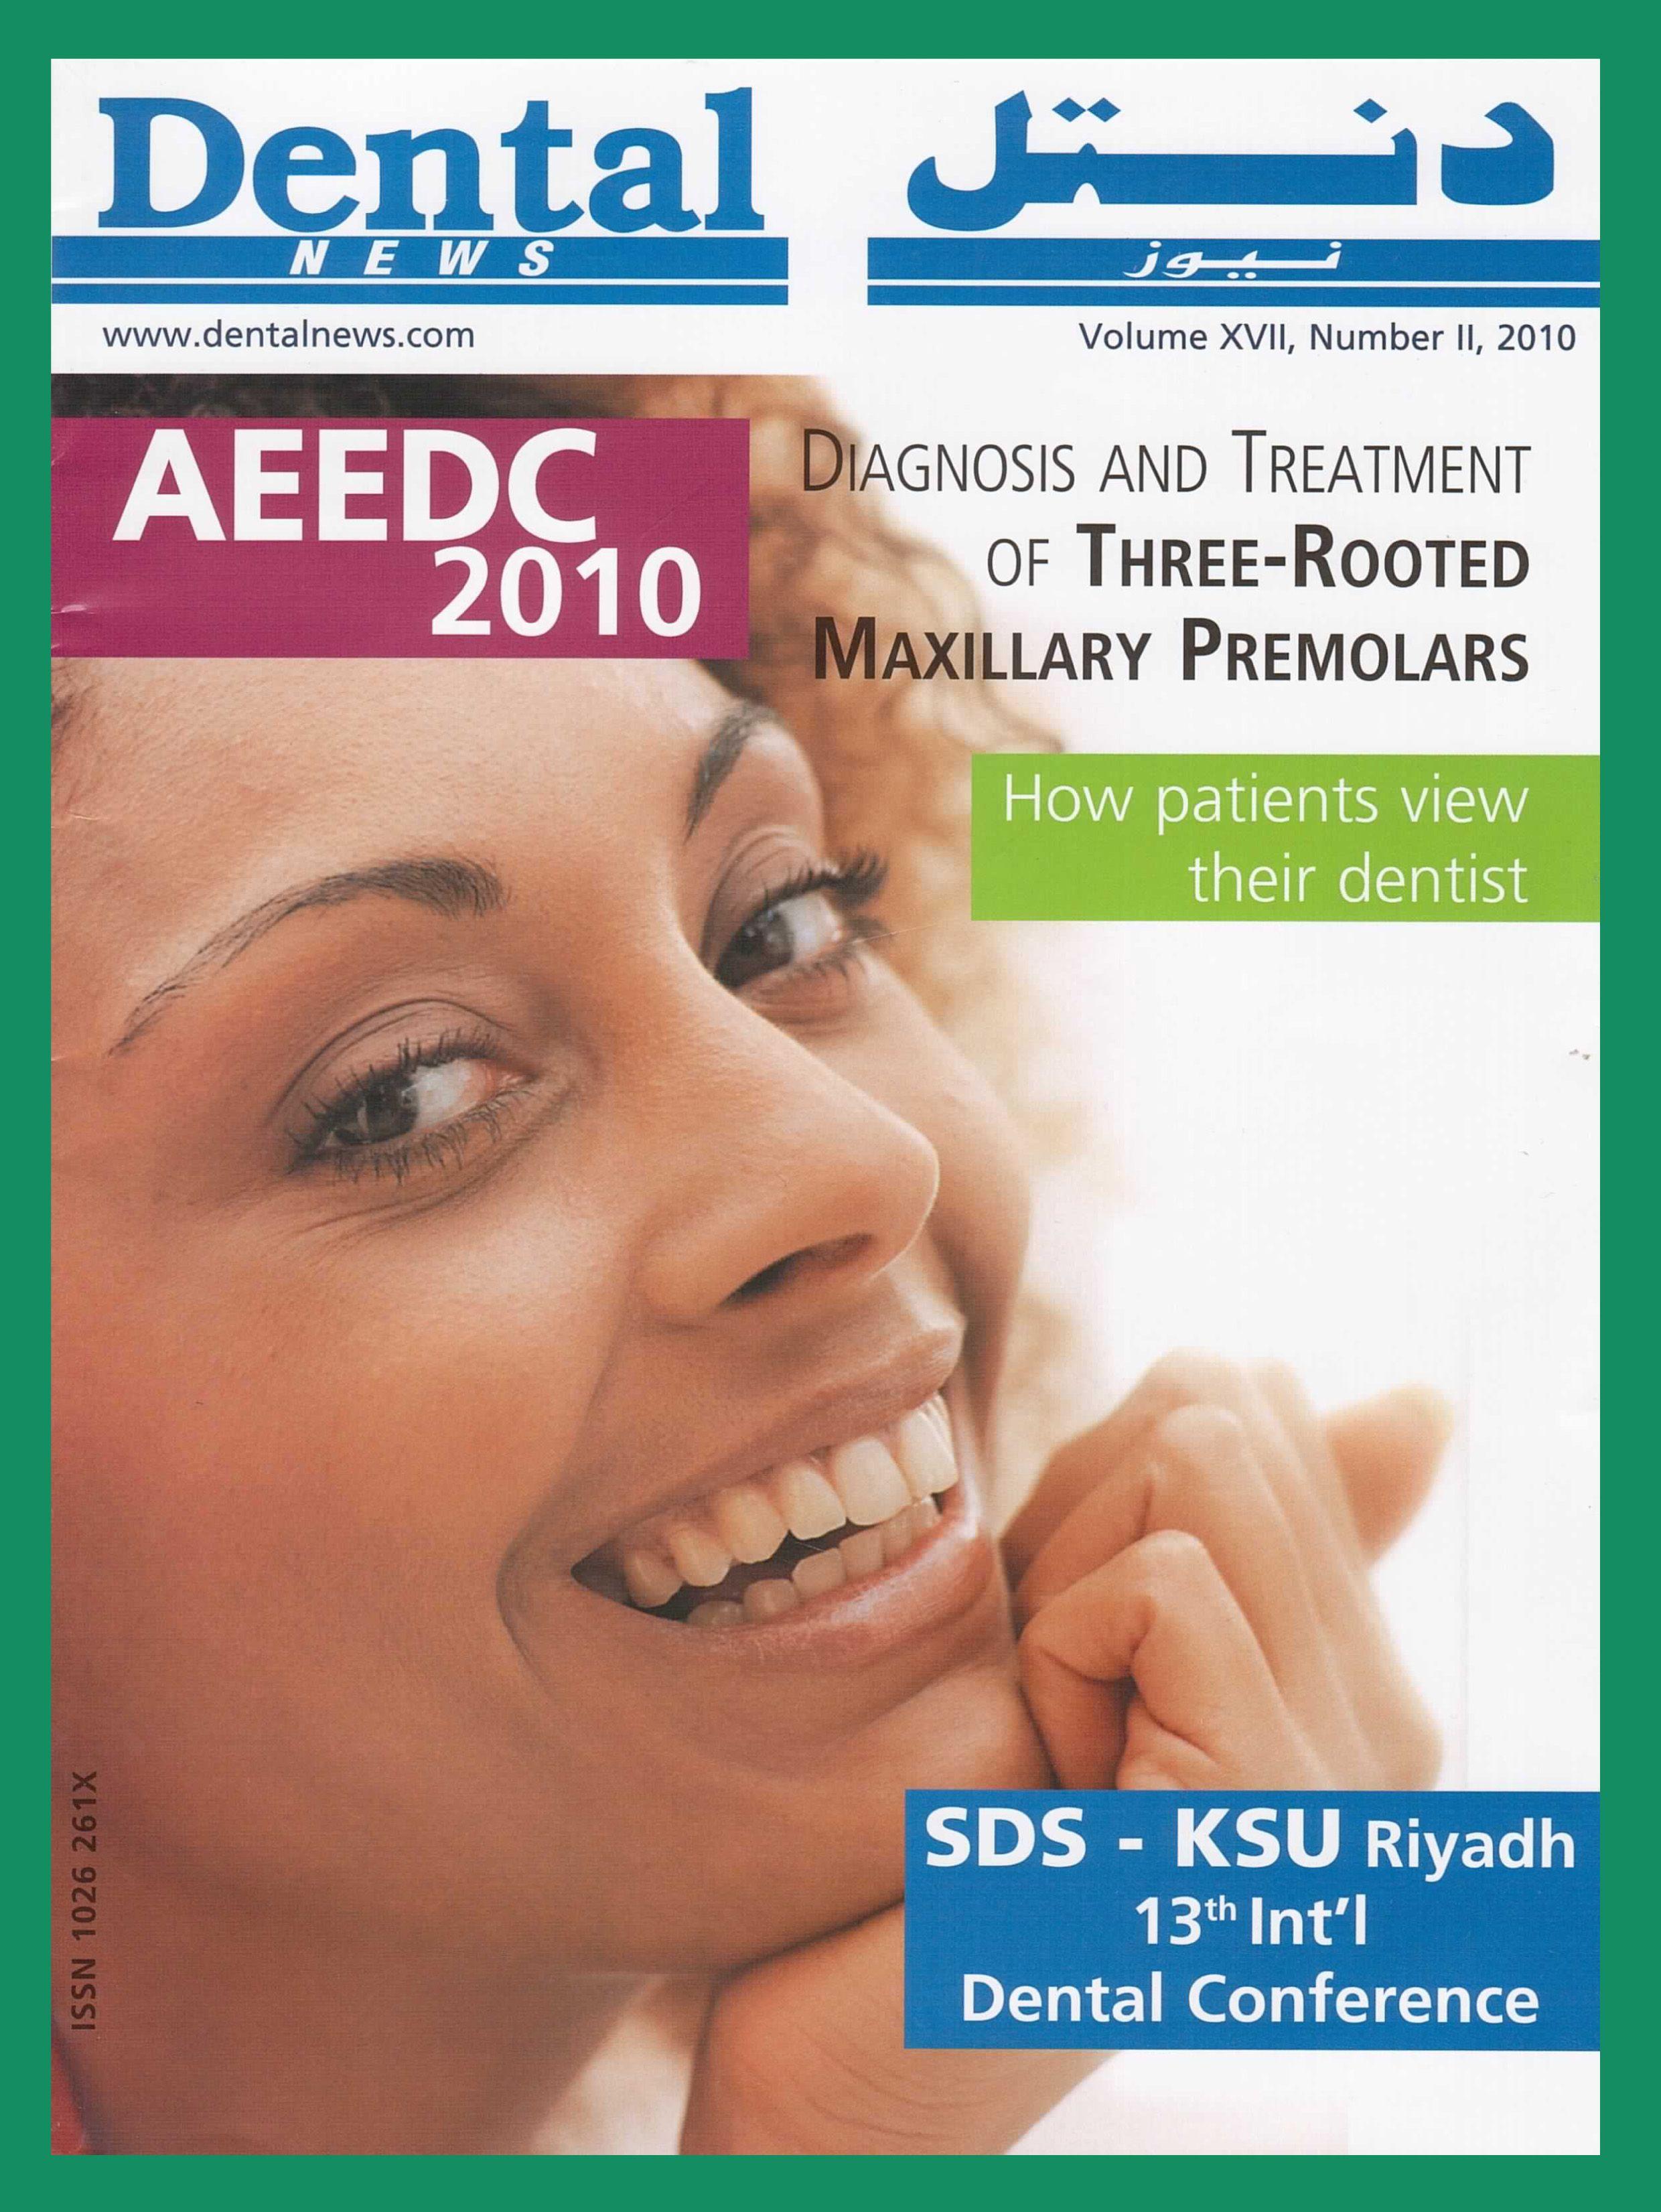 Dental news june issue cover 2010 dental dentist treatment